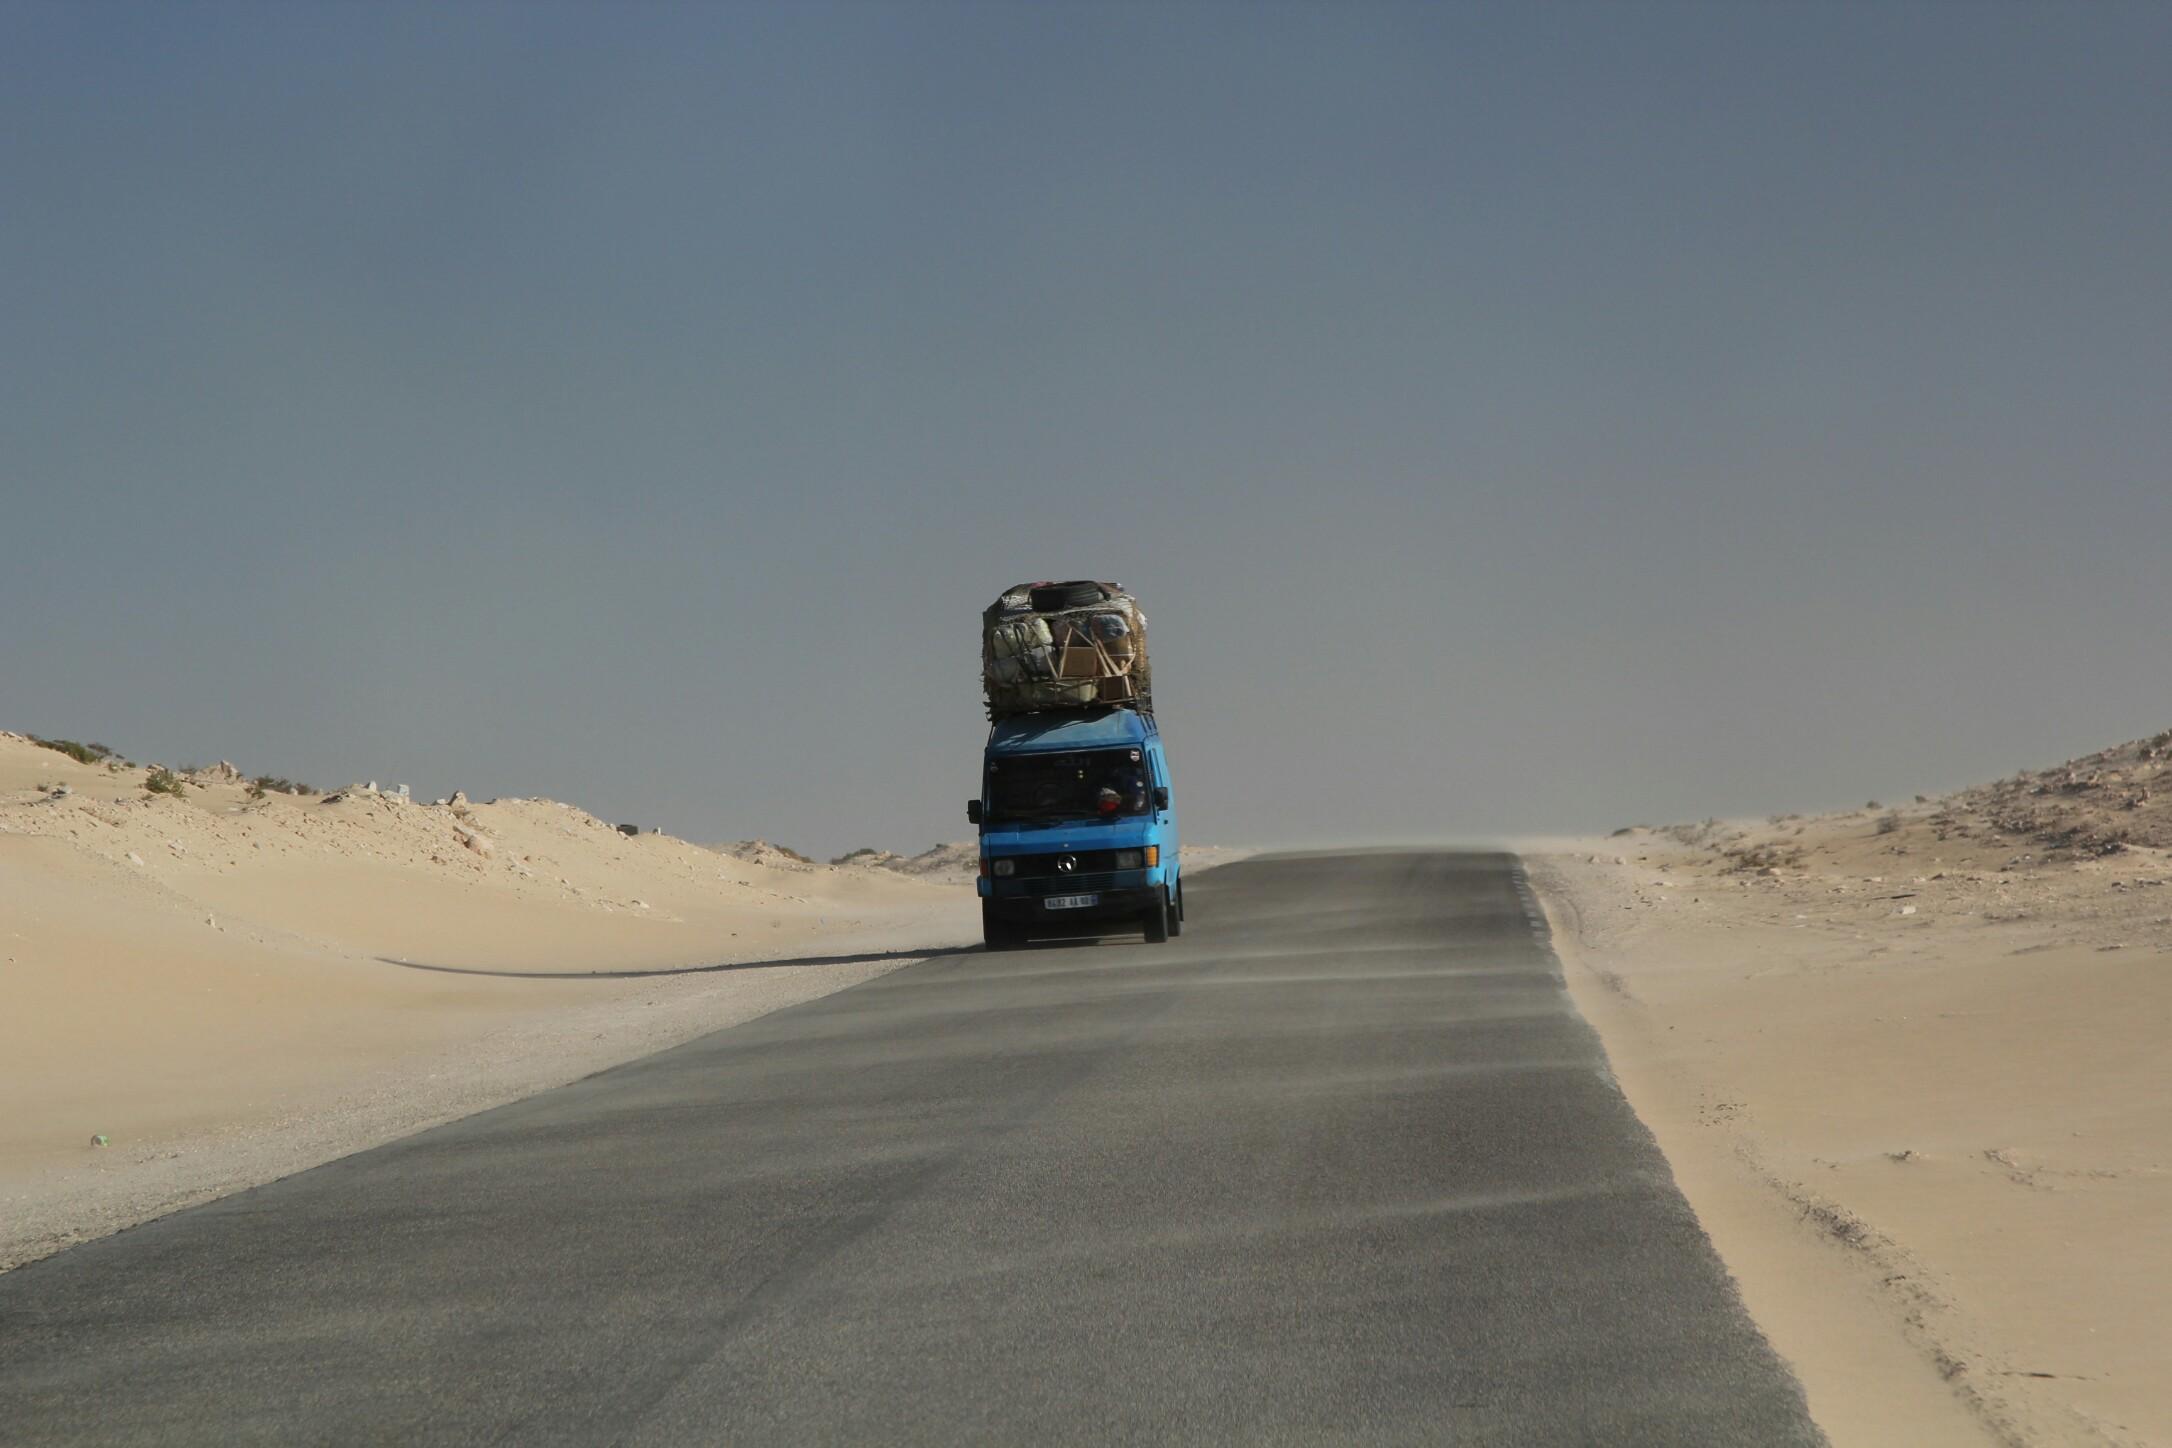 Maroko,część saharyjskich.Przeładowany bus komunikacji miejskiej przewozi ludzi między miejscowościami.